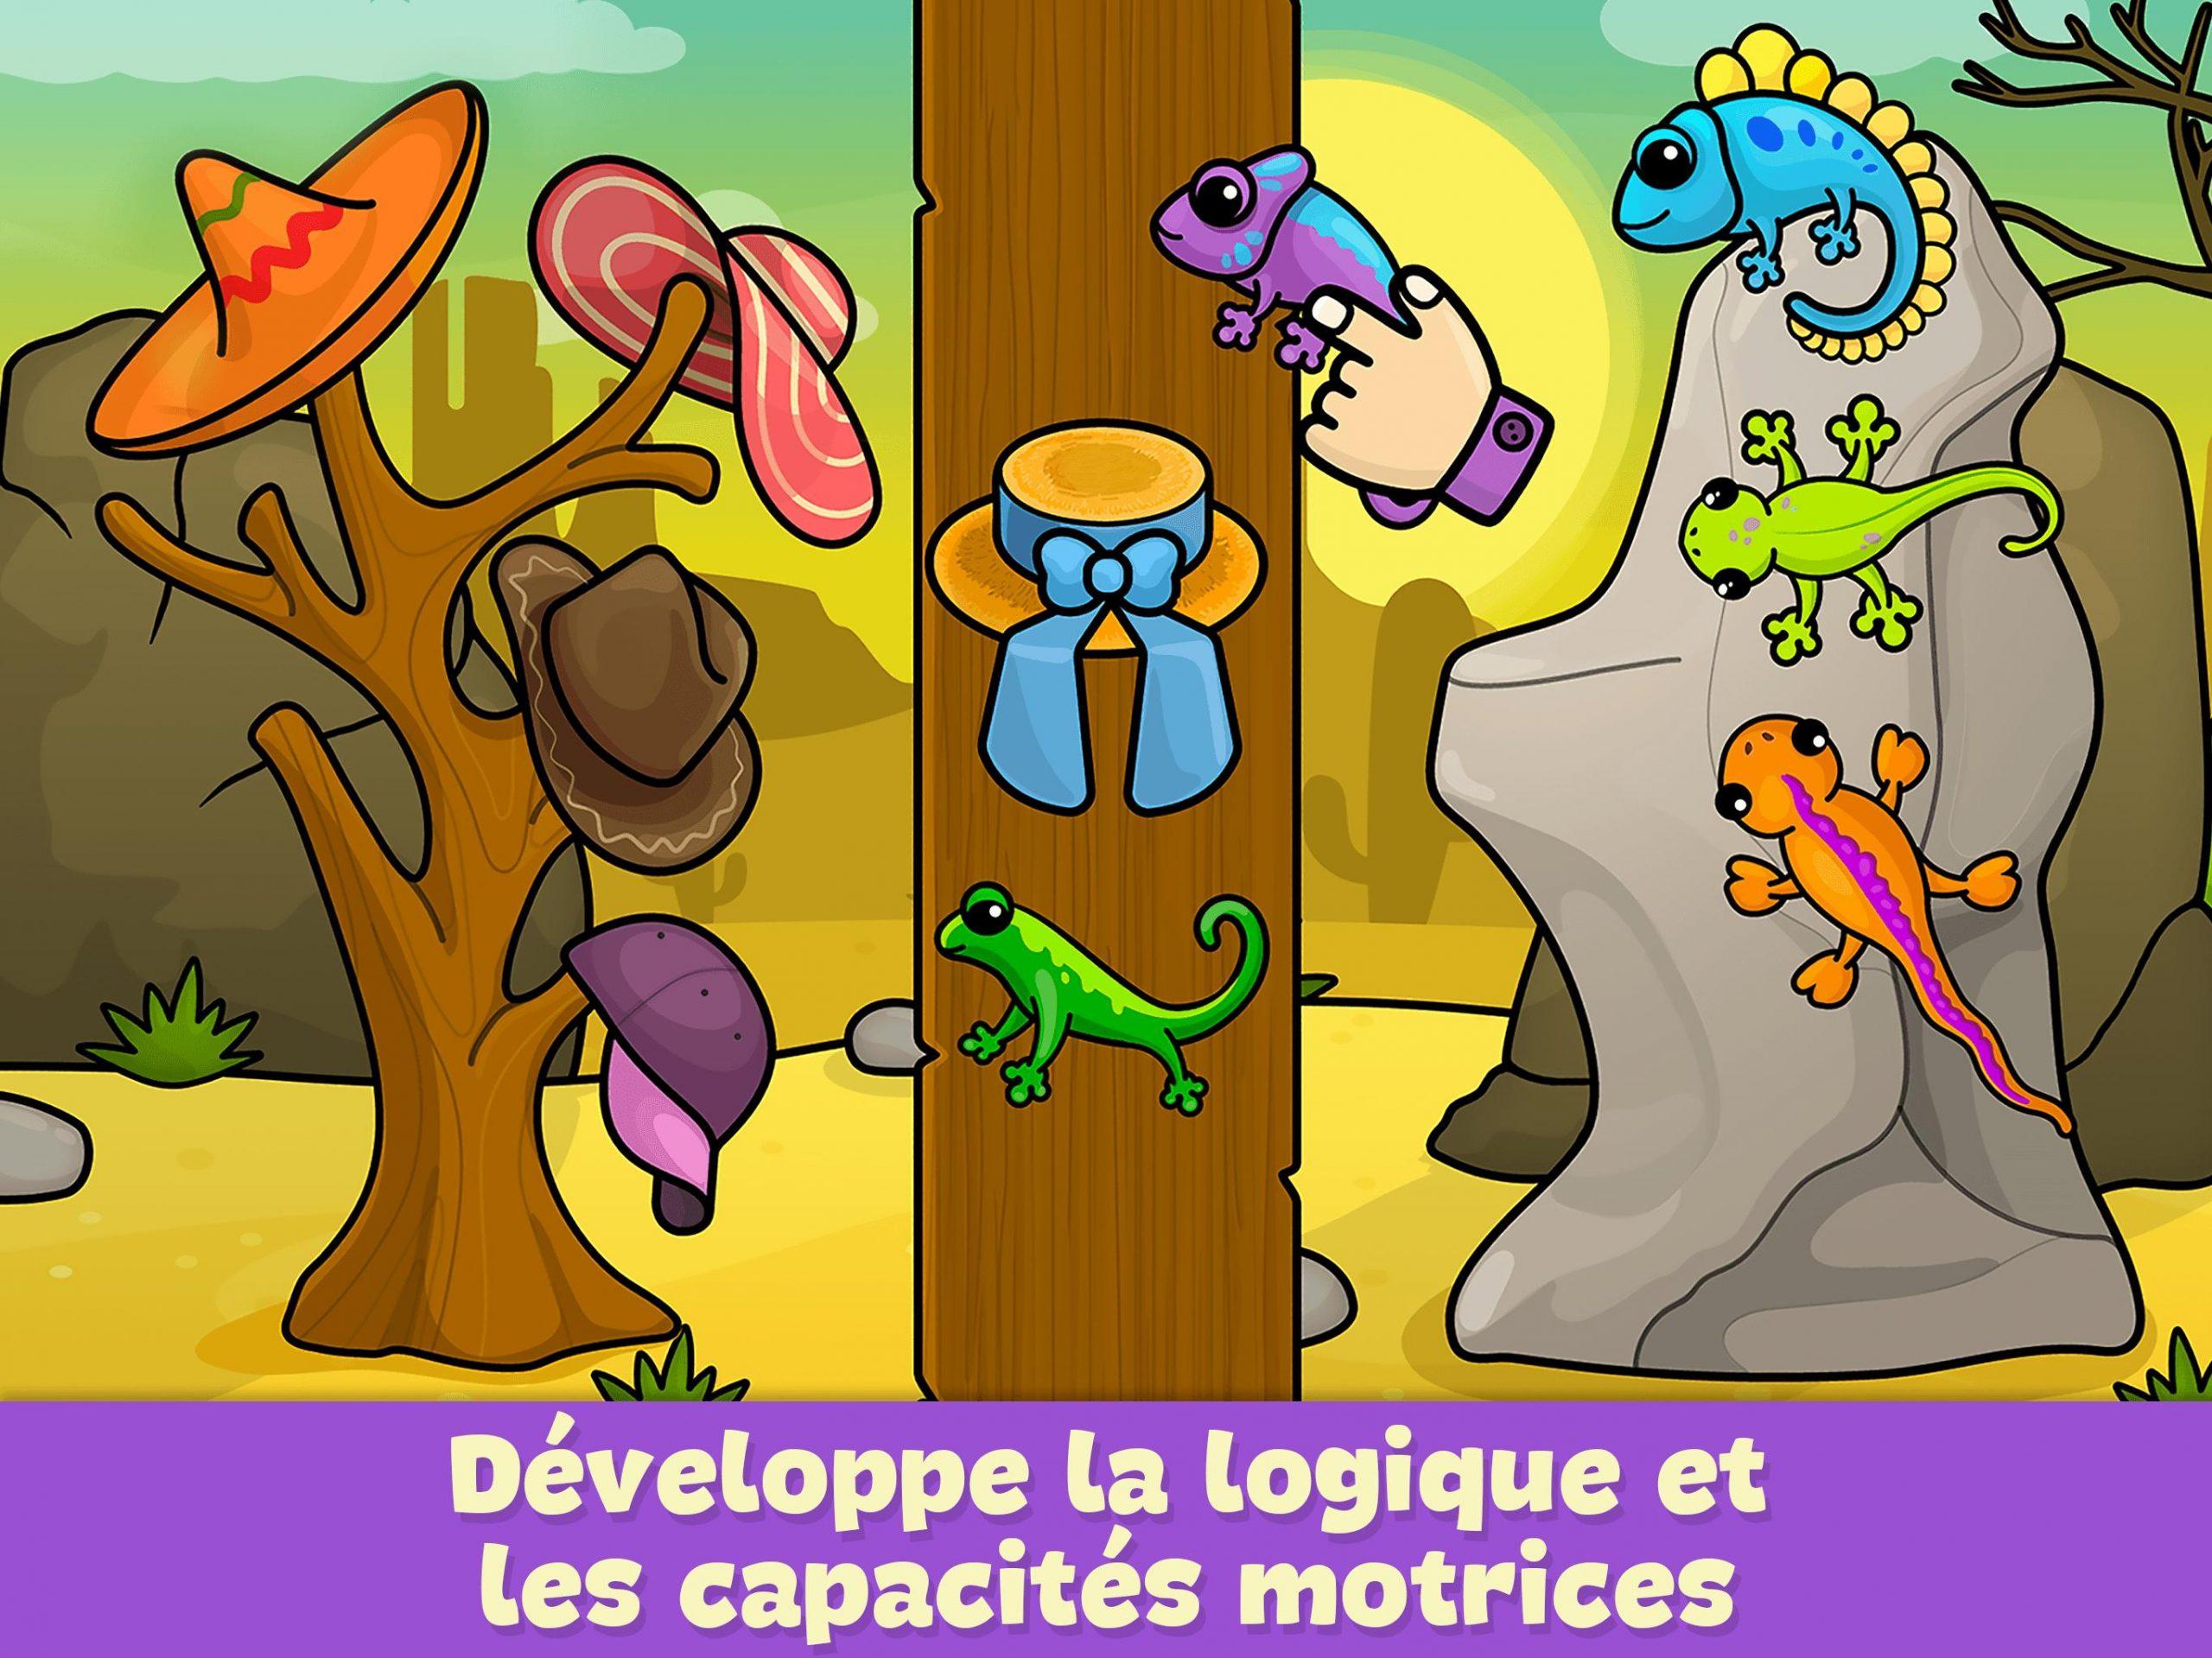 Jeux Pour Enfants 2 - 5 Ans Pour Android - Téléchargez L'apk avec Jeux Bébé 2 Ans Gratuit A Telecharger